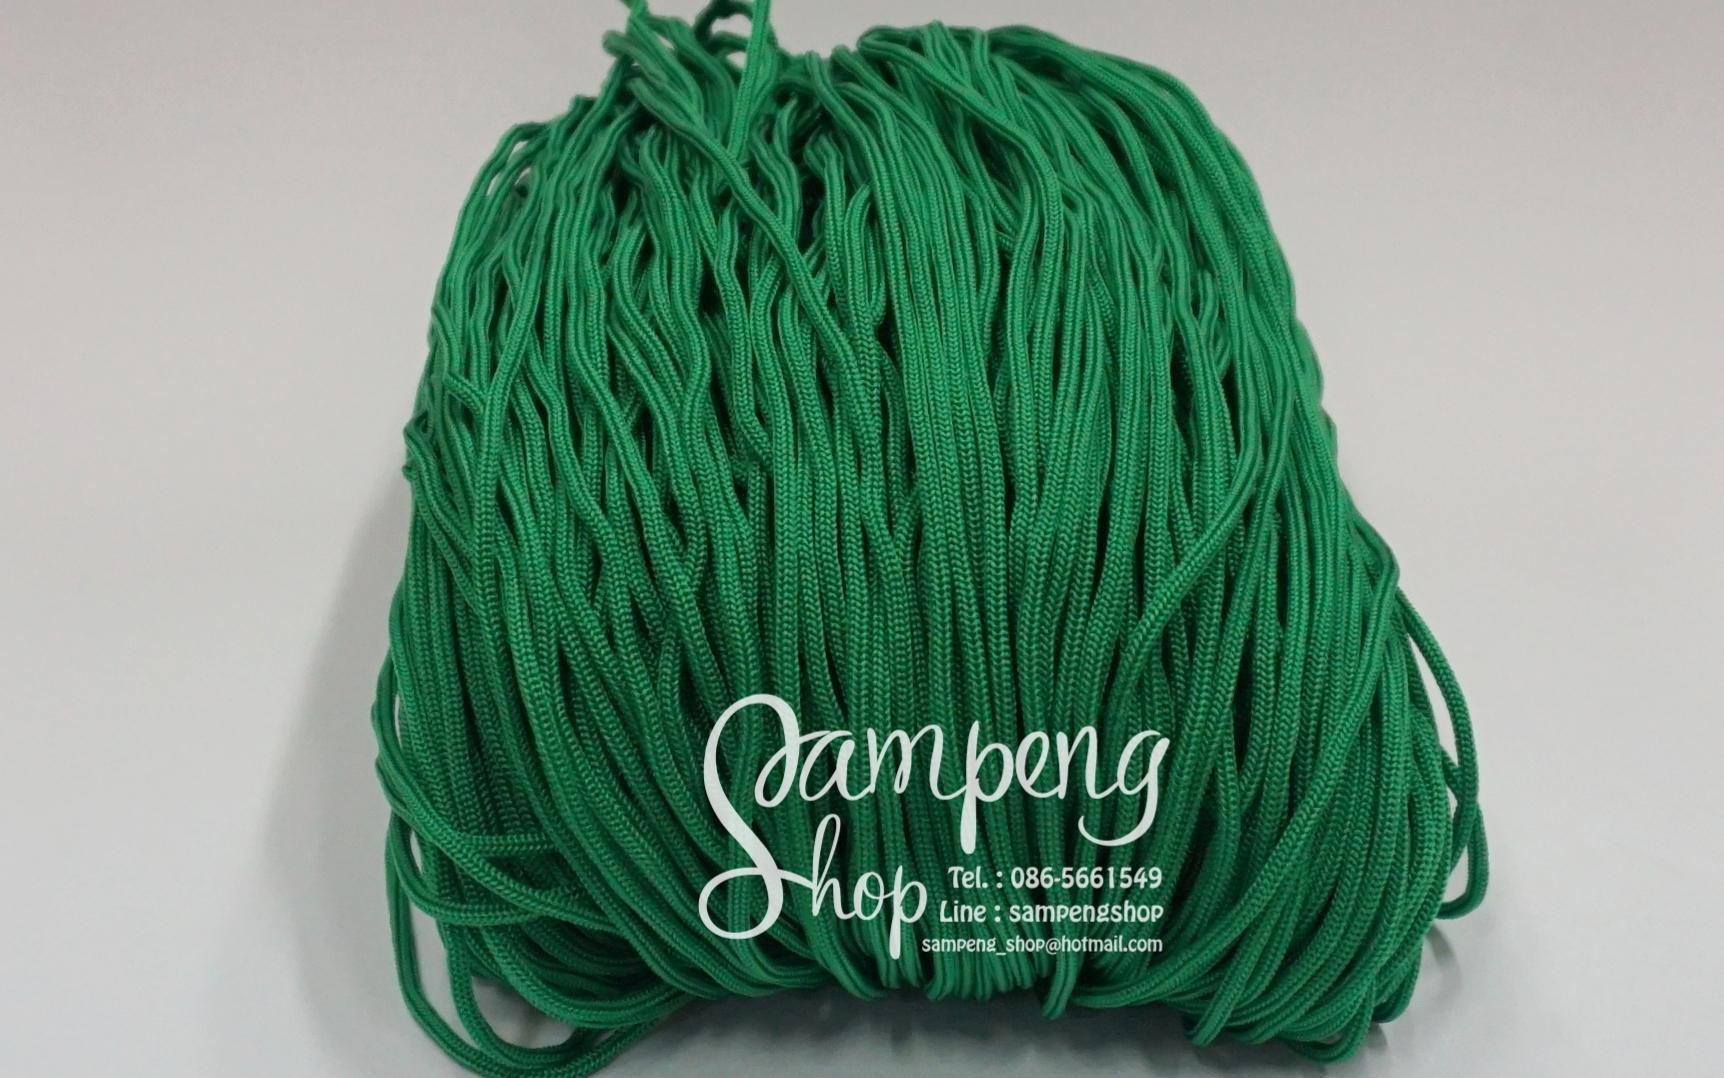 เชือกร่ม P.P. #6 สีเขียว (10เมตร)